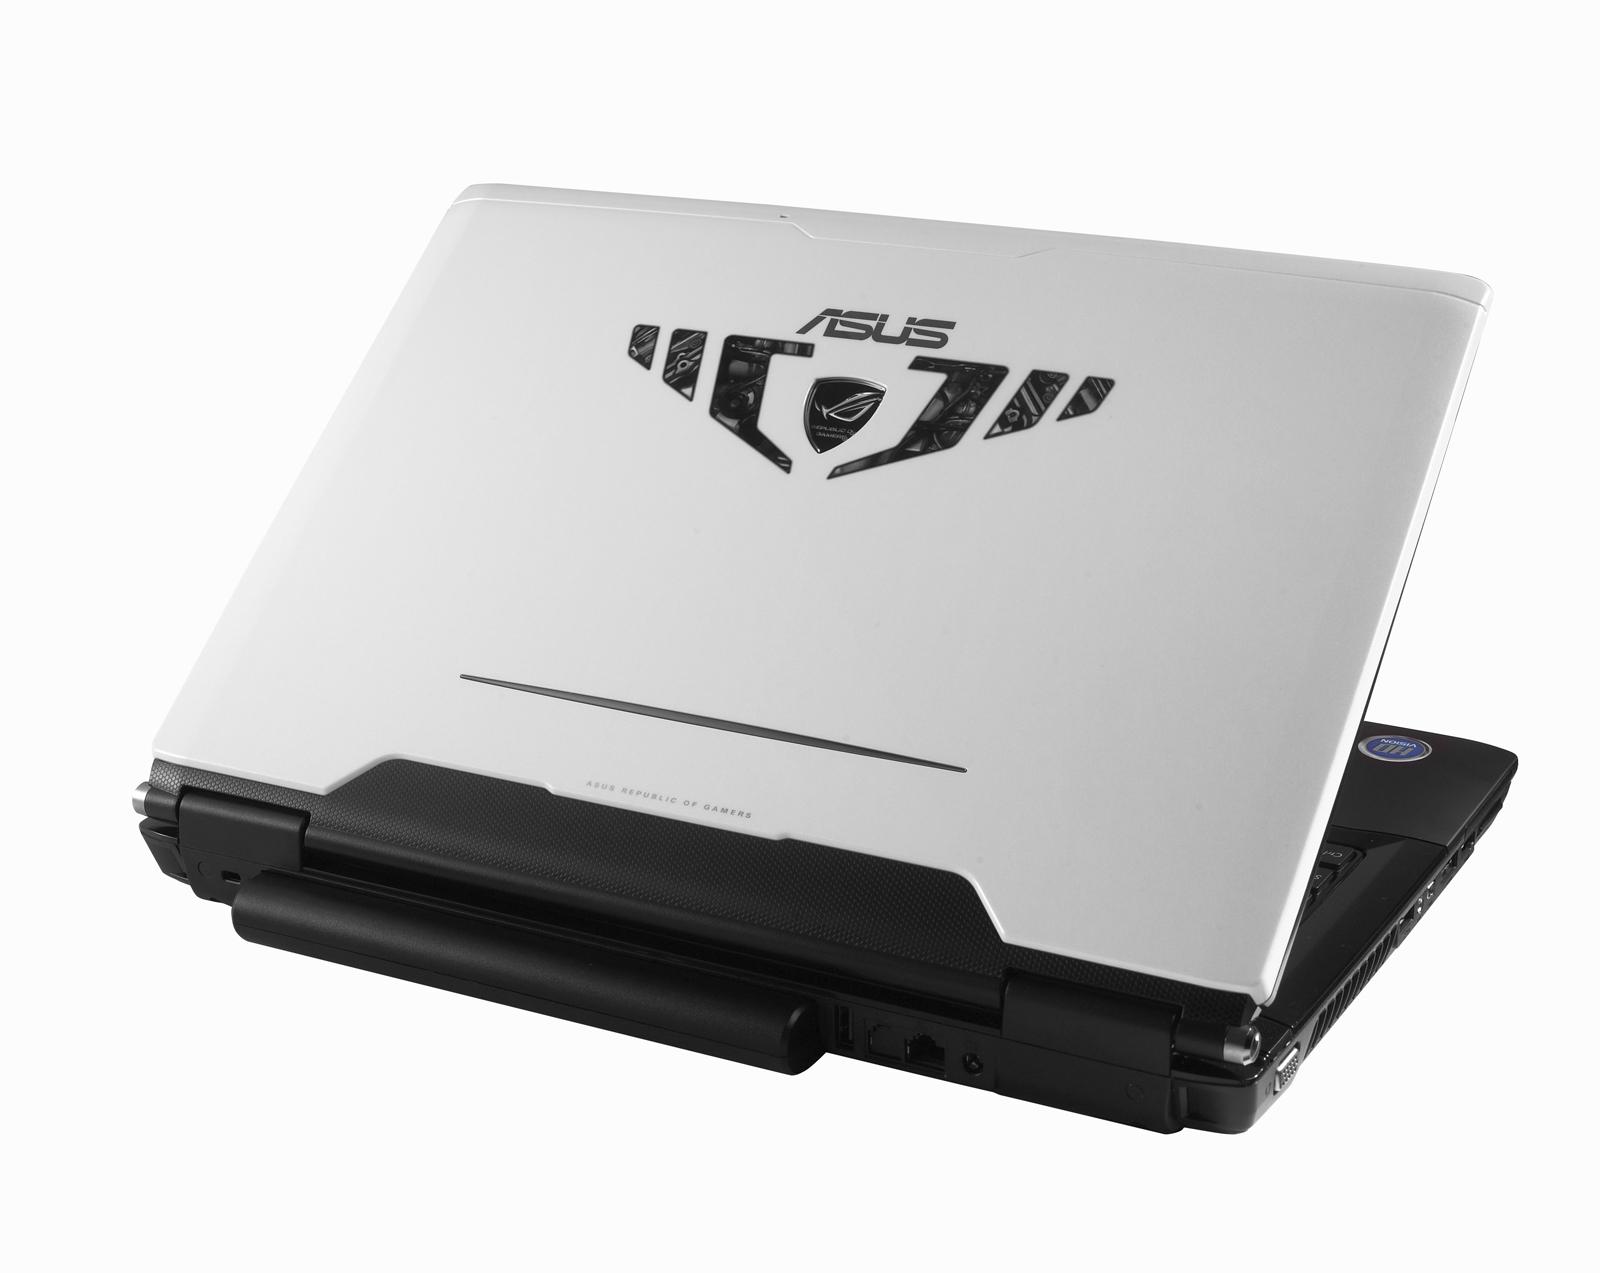 Asus G60Vx Gaming Laptop Review Asus G60VX  Gaming Laptop